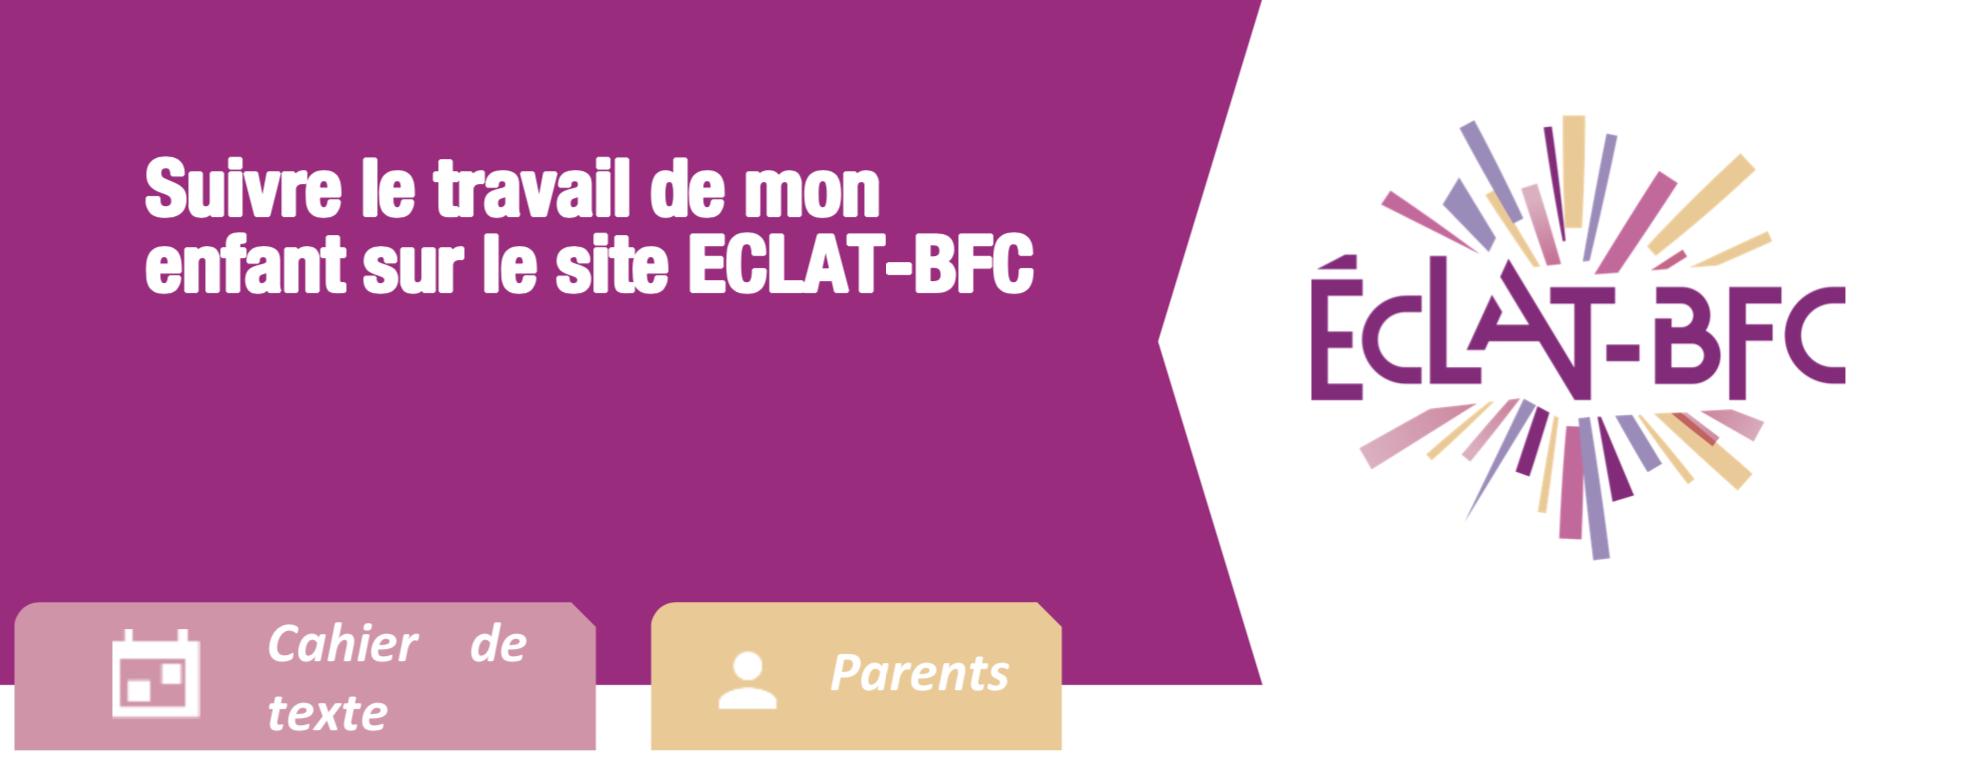 Illustration de la fiche suivre le travail de mon enfant sur le site ECLAT-BFC